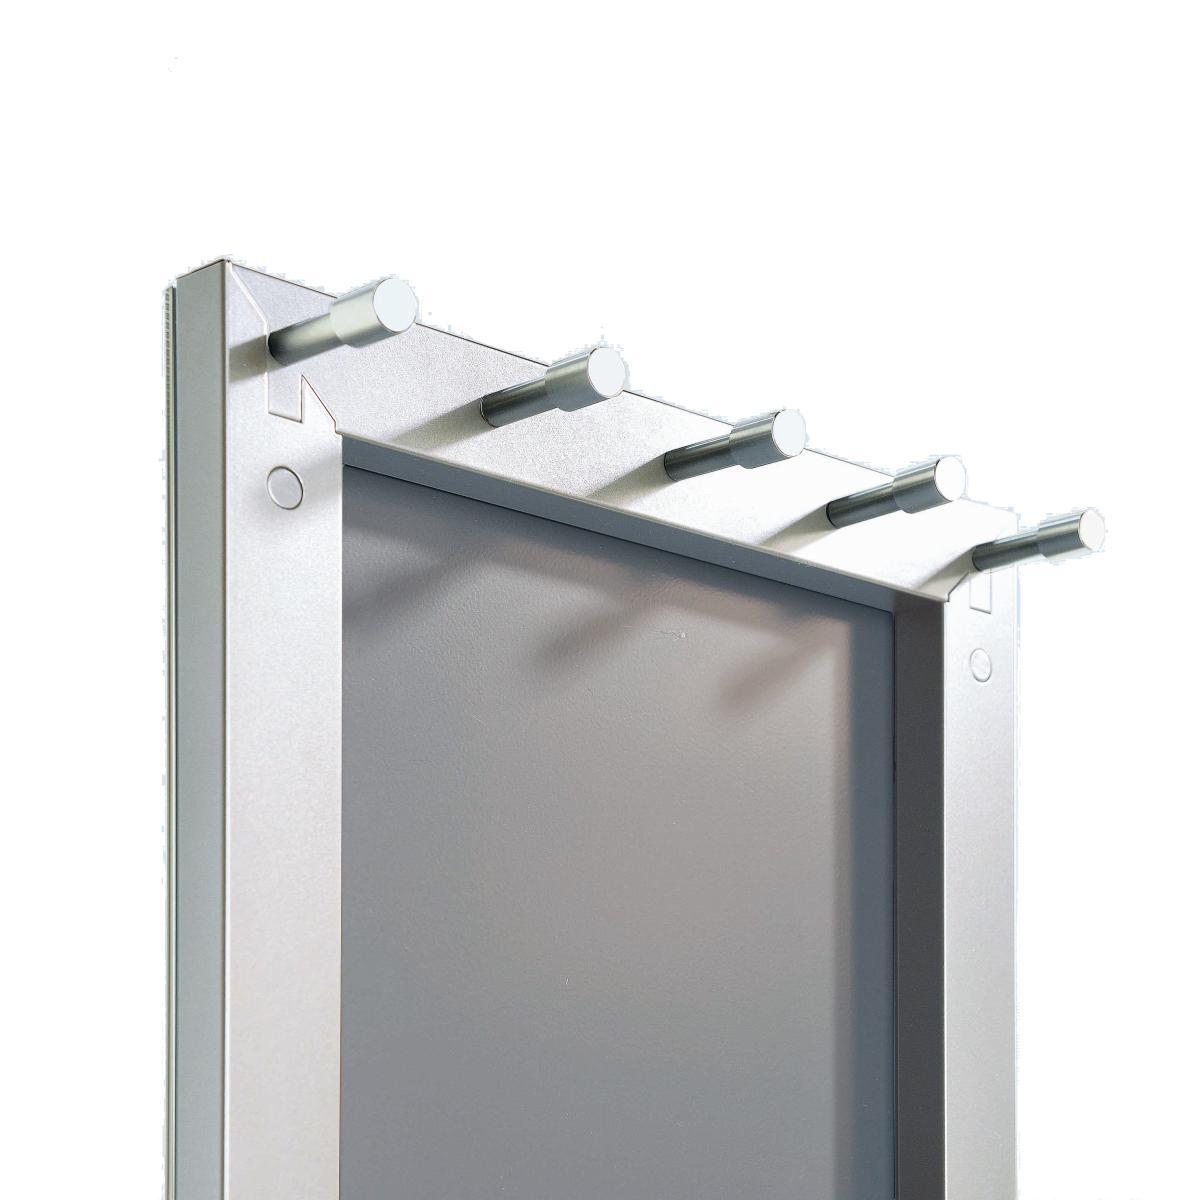 TOP Standspiegel Garderobe silber mit 5 Garderobenhaken auf der Rückseite